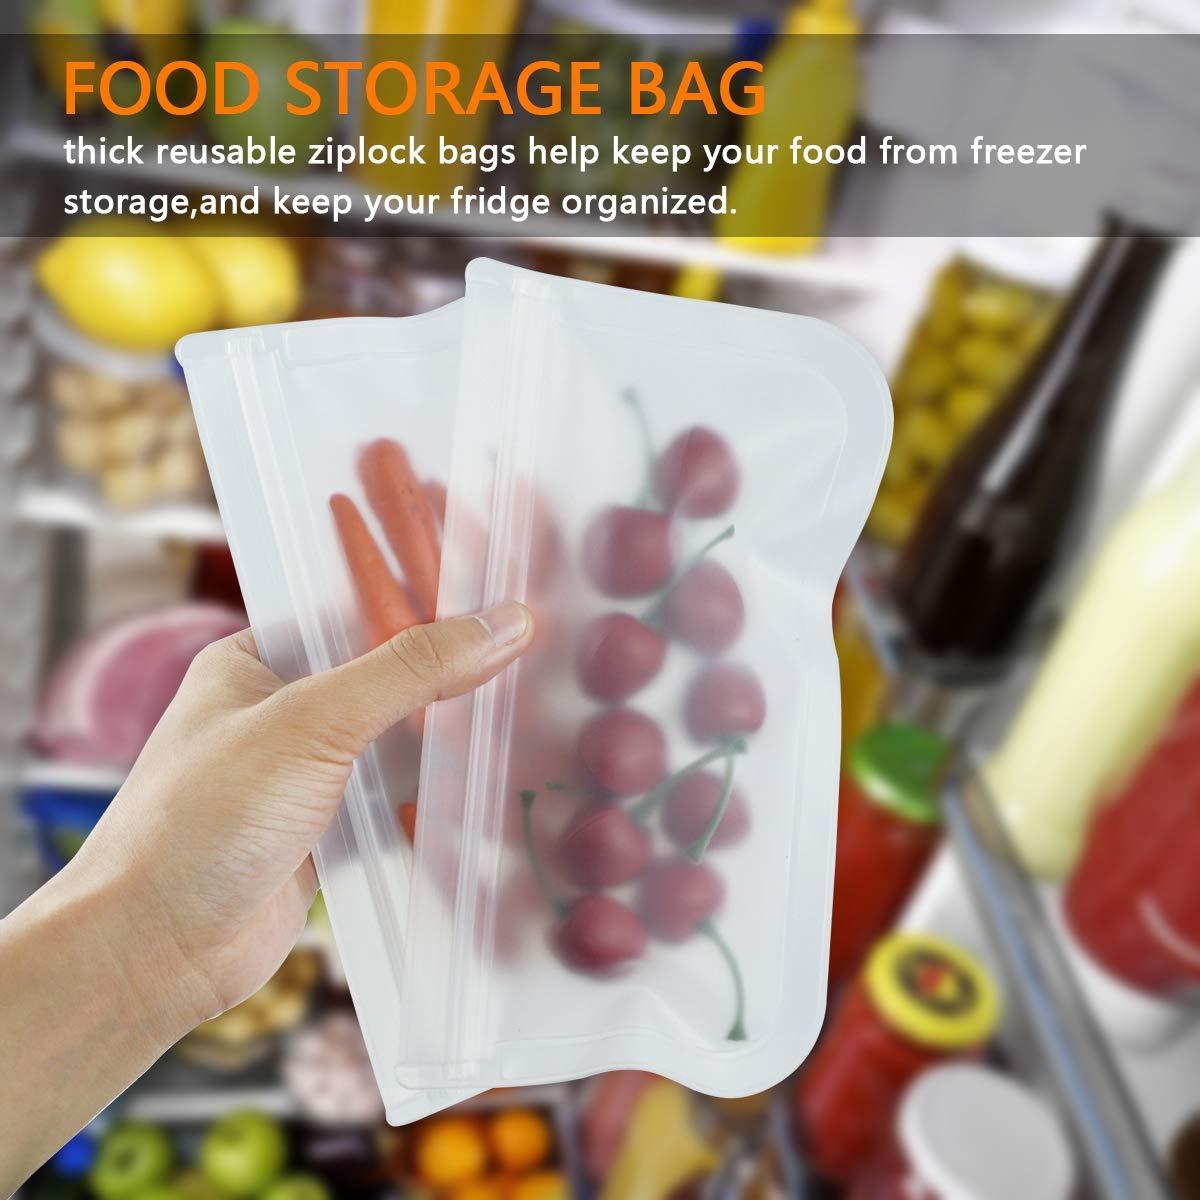 confezione da 12 sacchetti ermetici per freezer riutilizzabili, 7 sacchetti per sandwich e 5 sacchetti per snack Sacchetti riutilizzabili a tenuta stagna senza BPA